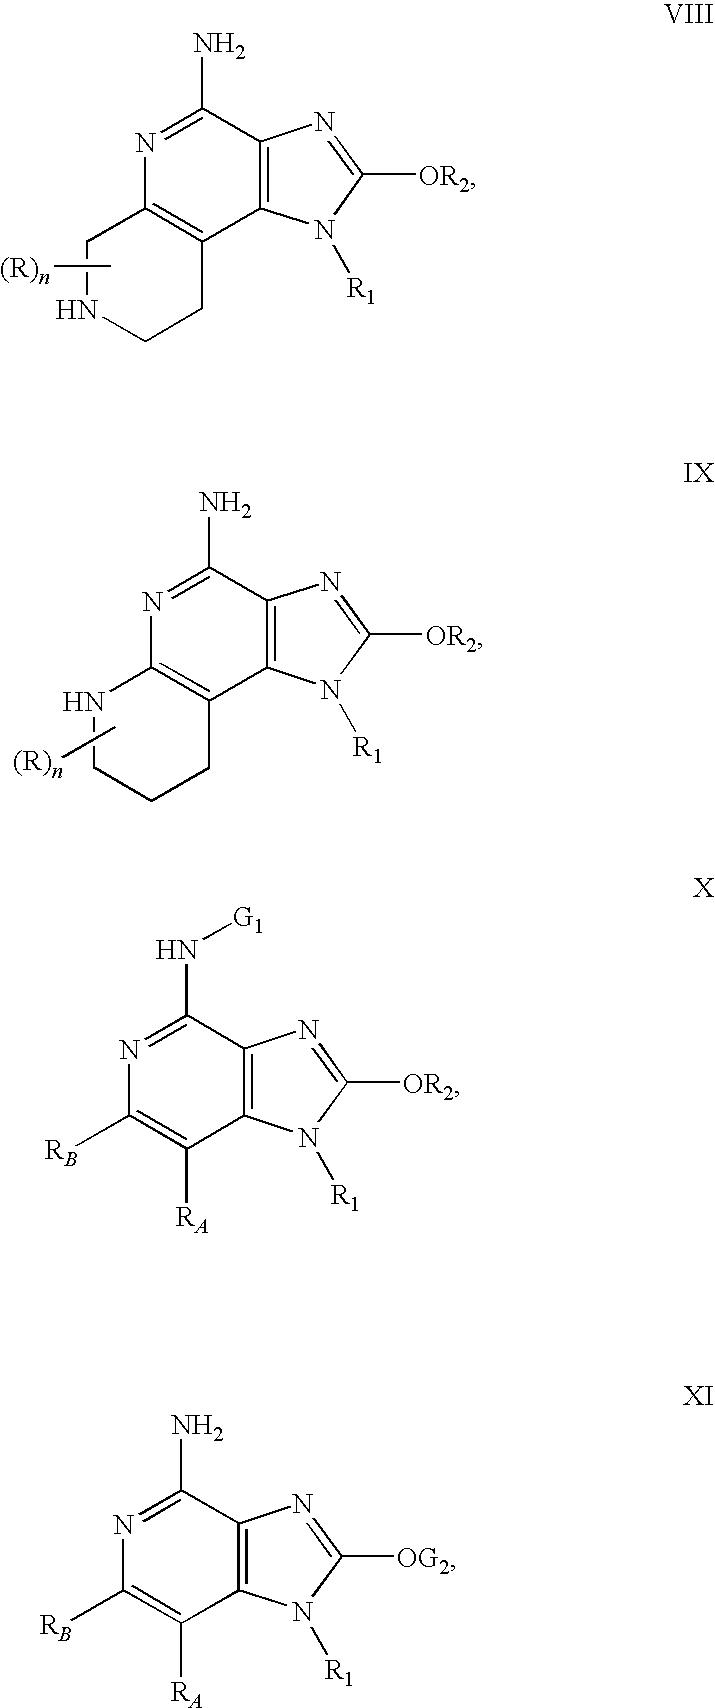 Figure US20090298821A1-20091203-C00003